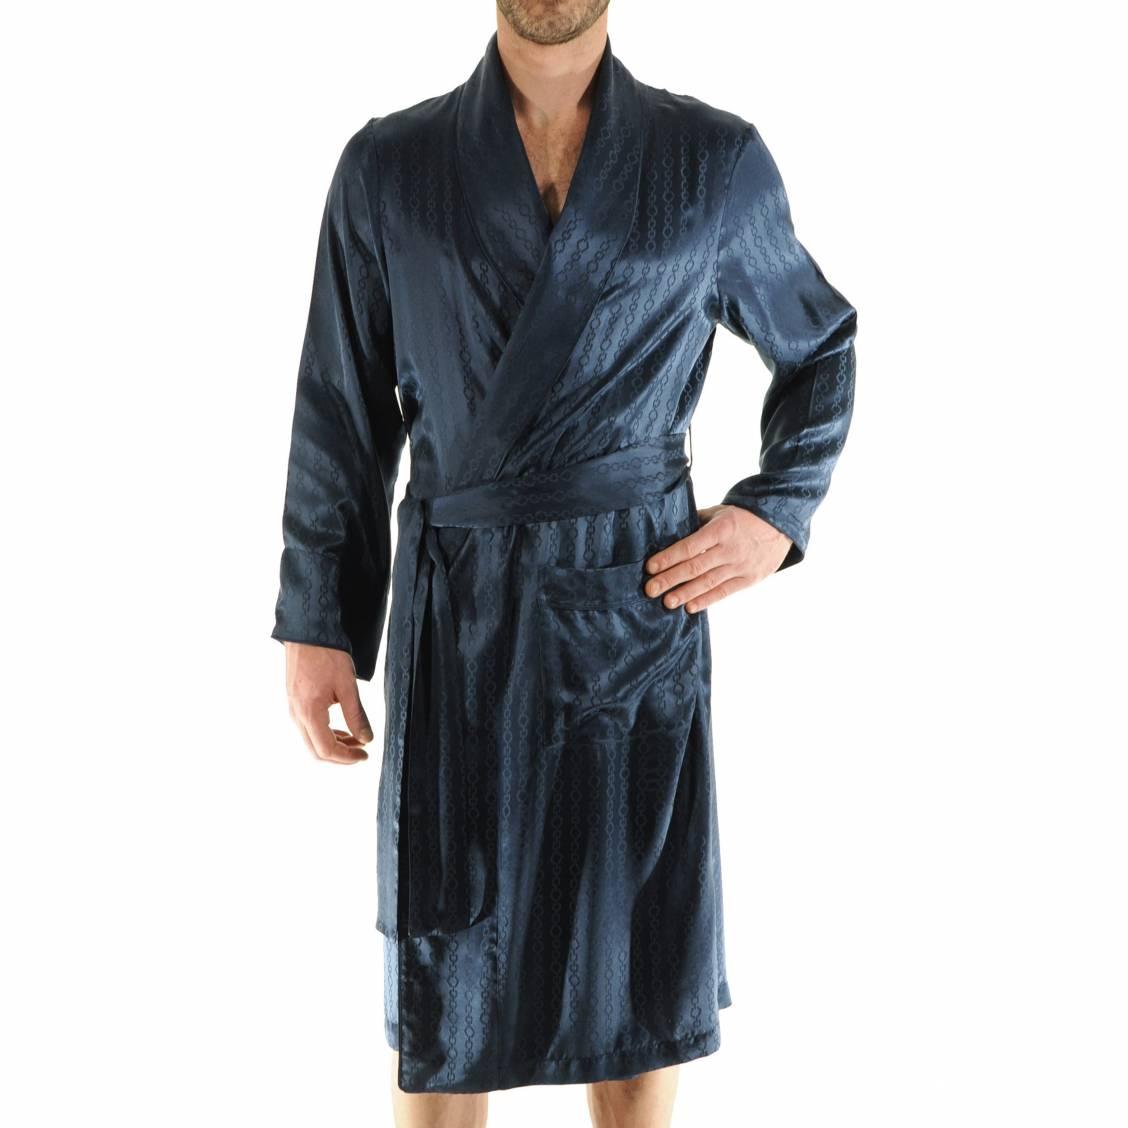 robe de chambre 100 soie pilus bleu nuit motifs ton sur ton rue des hommes. Black Bedroom Furniture Sets. Home Design Ideas